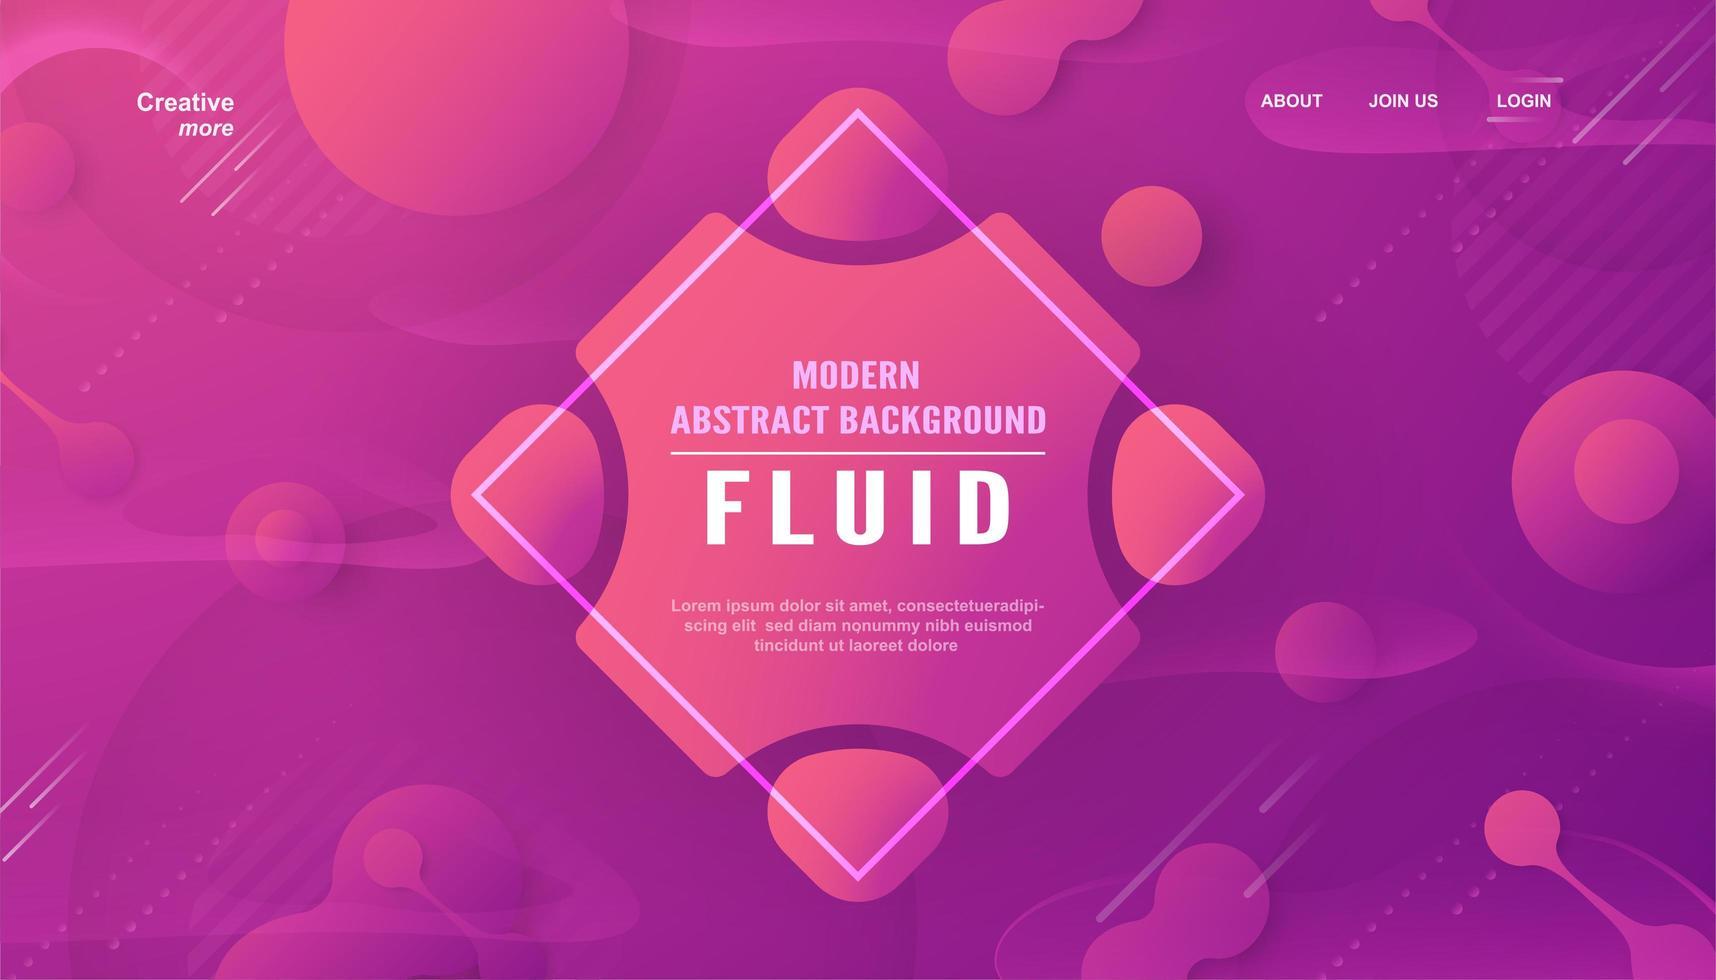 moderner abstrakter Hintergrund des rosa und lila Farbverlaufs vektor